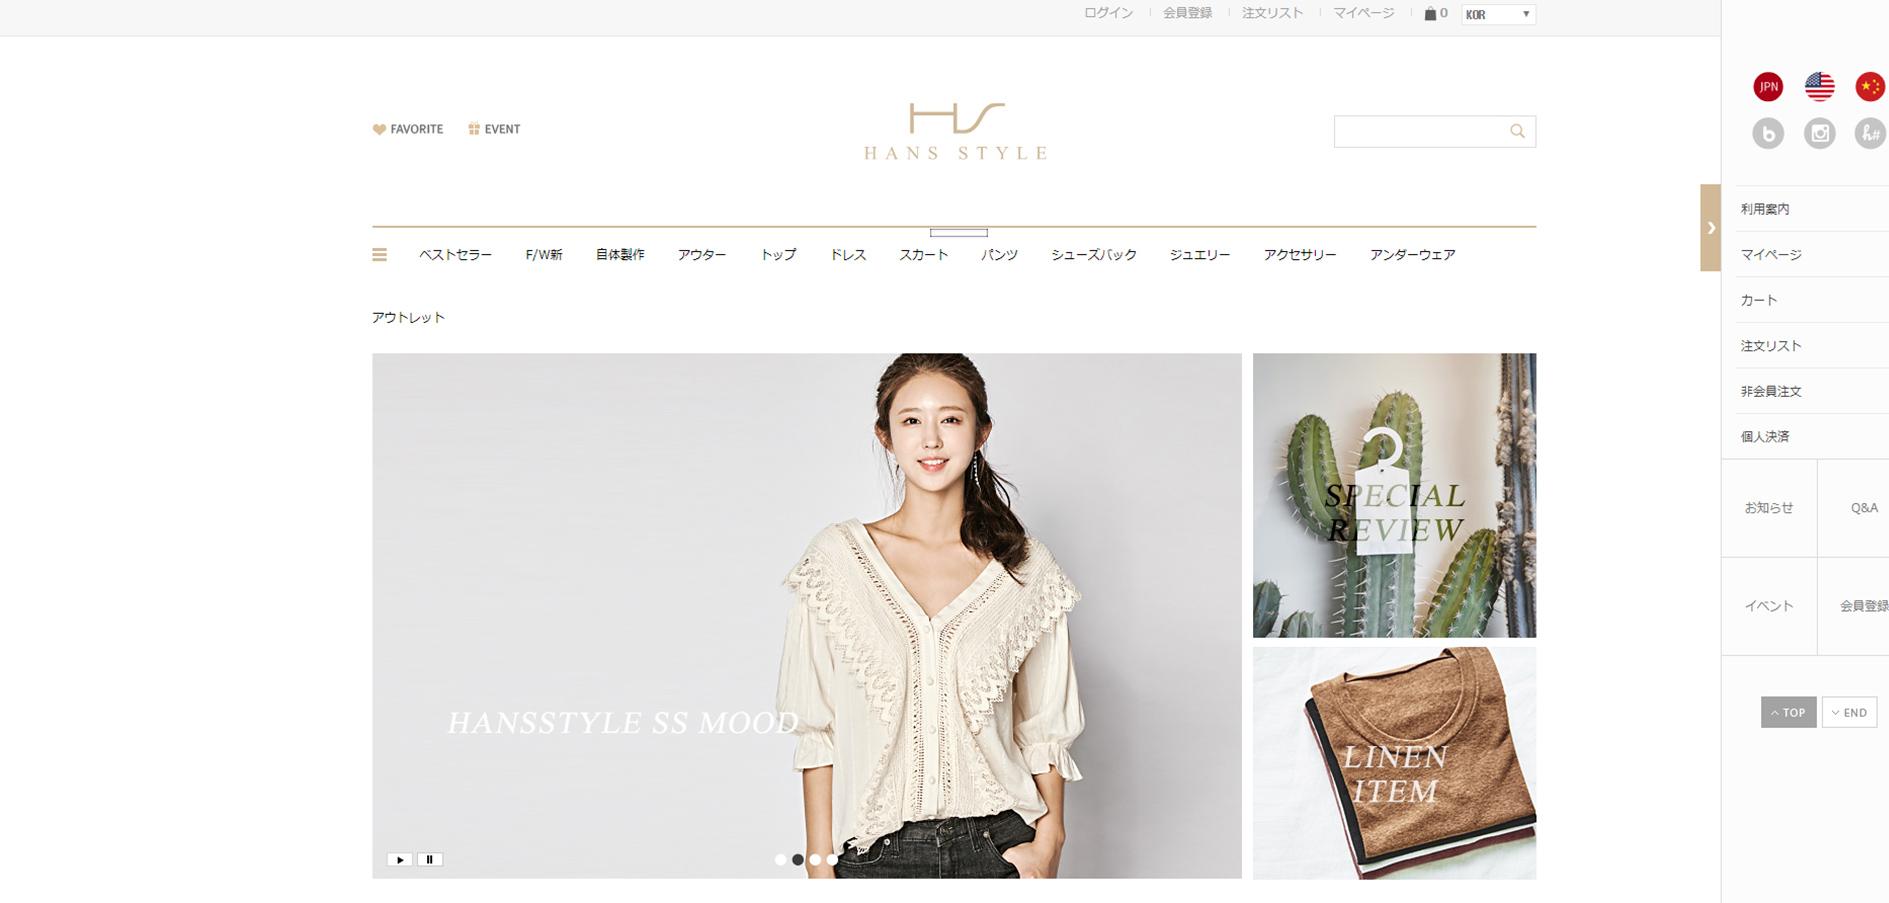 20代におすすめな韓国ファッション通販サイトのhanstyle(ハンスタイル)